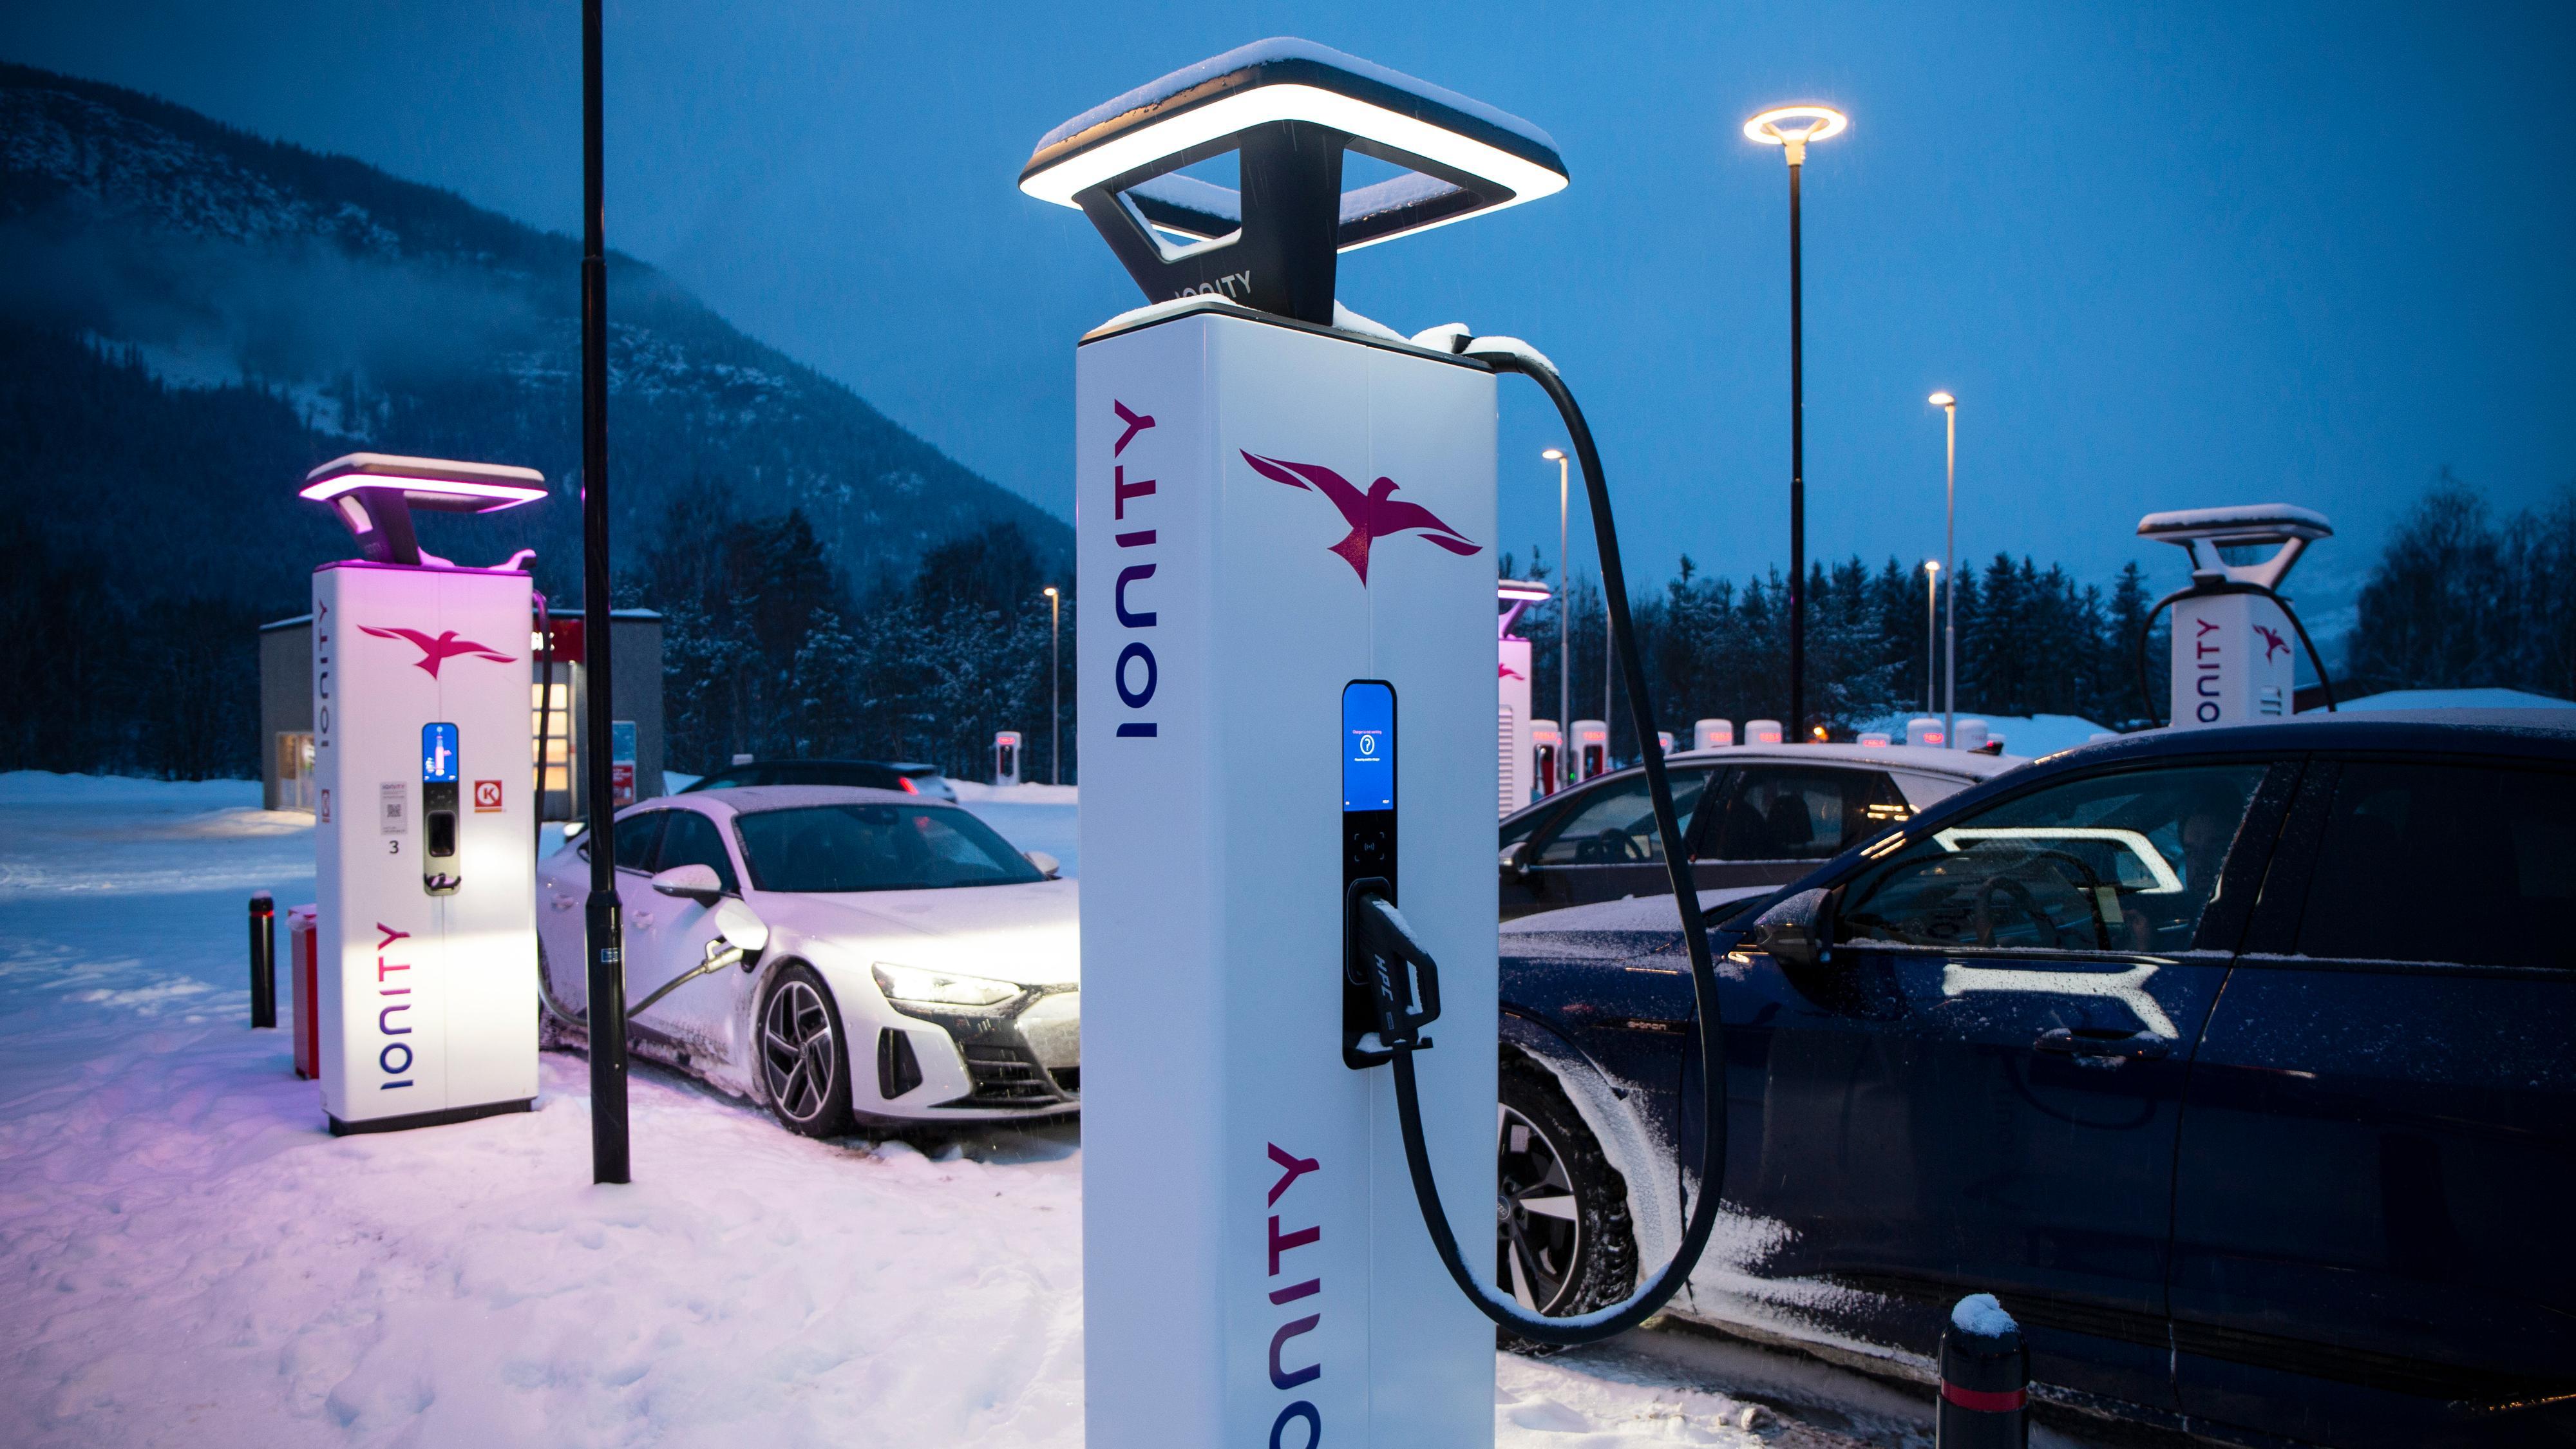 De raskeste laderne langs veien er disse fra Ionity, som kan levere 350 kilowatt. Teslas ladere kan «bare» levere 250 kilowatt.